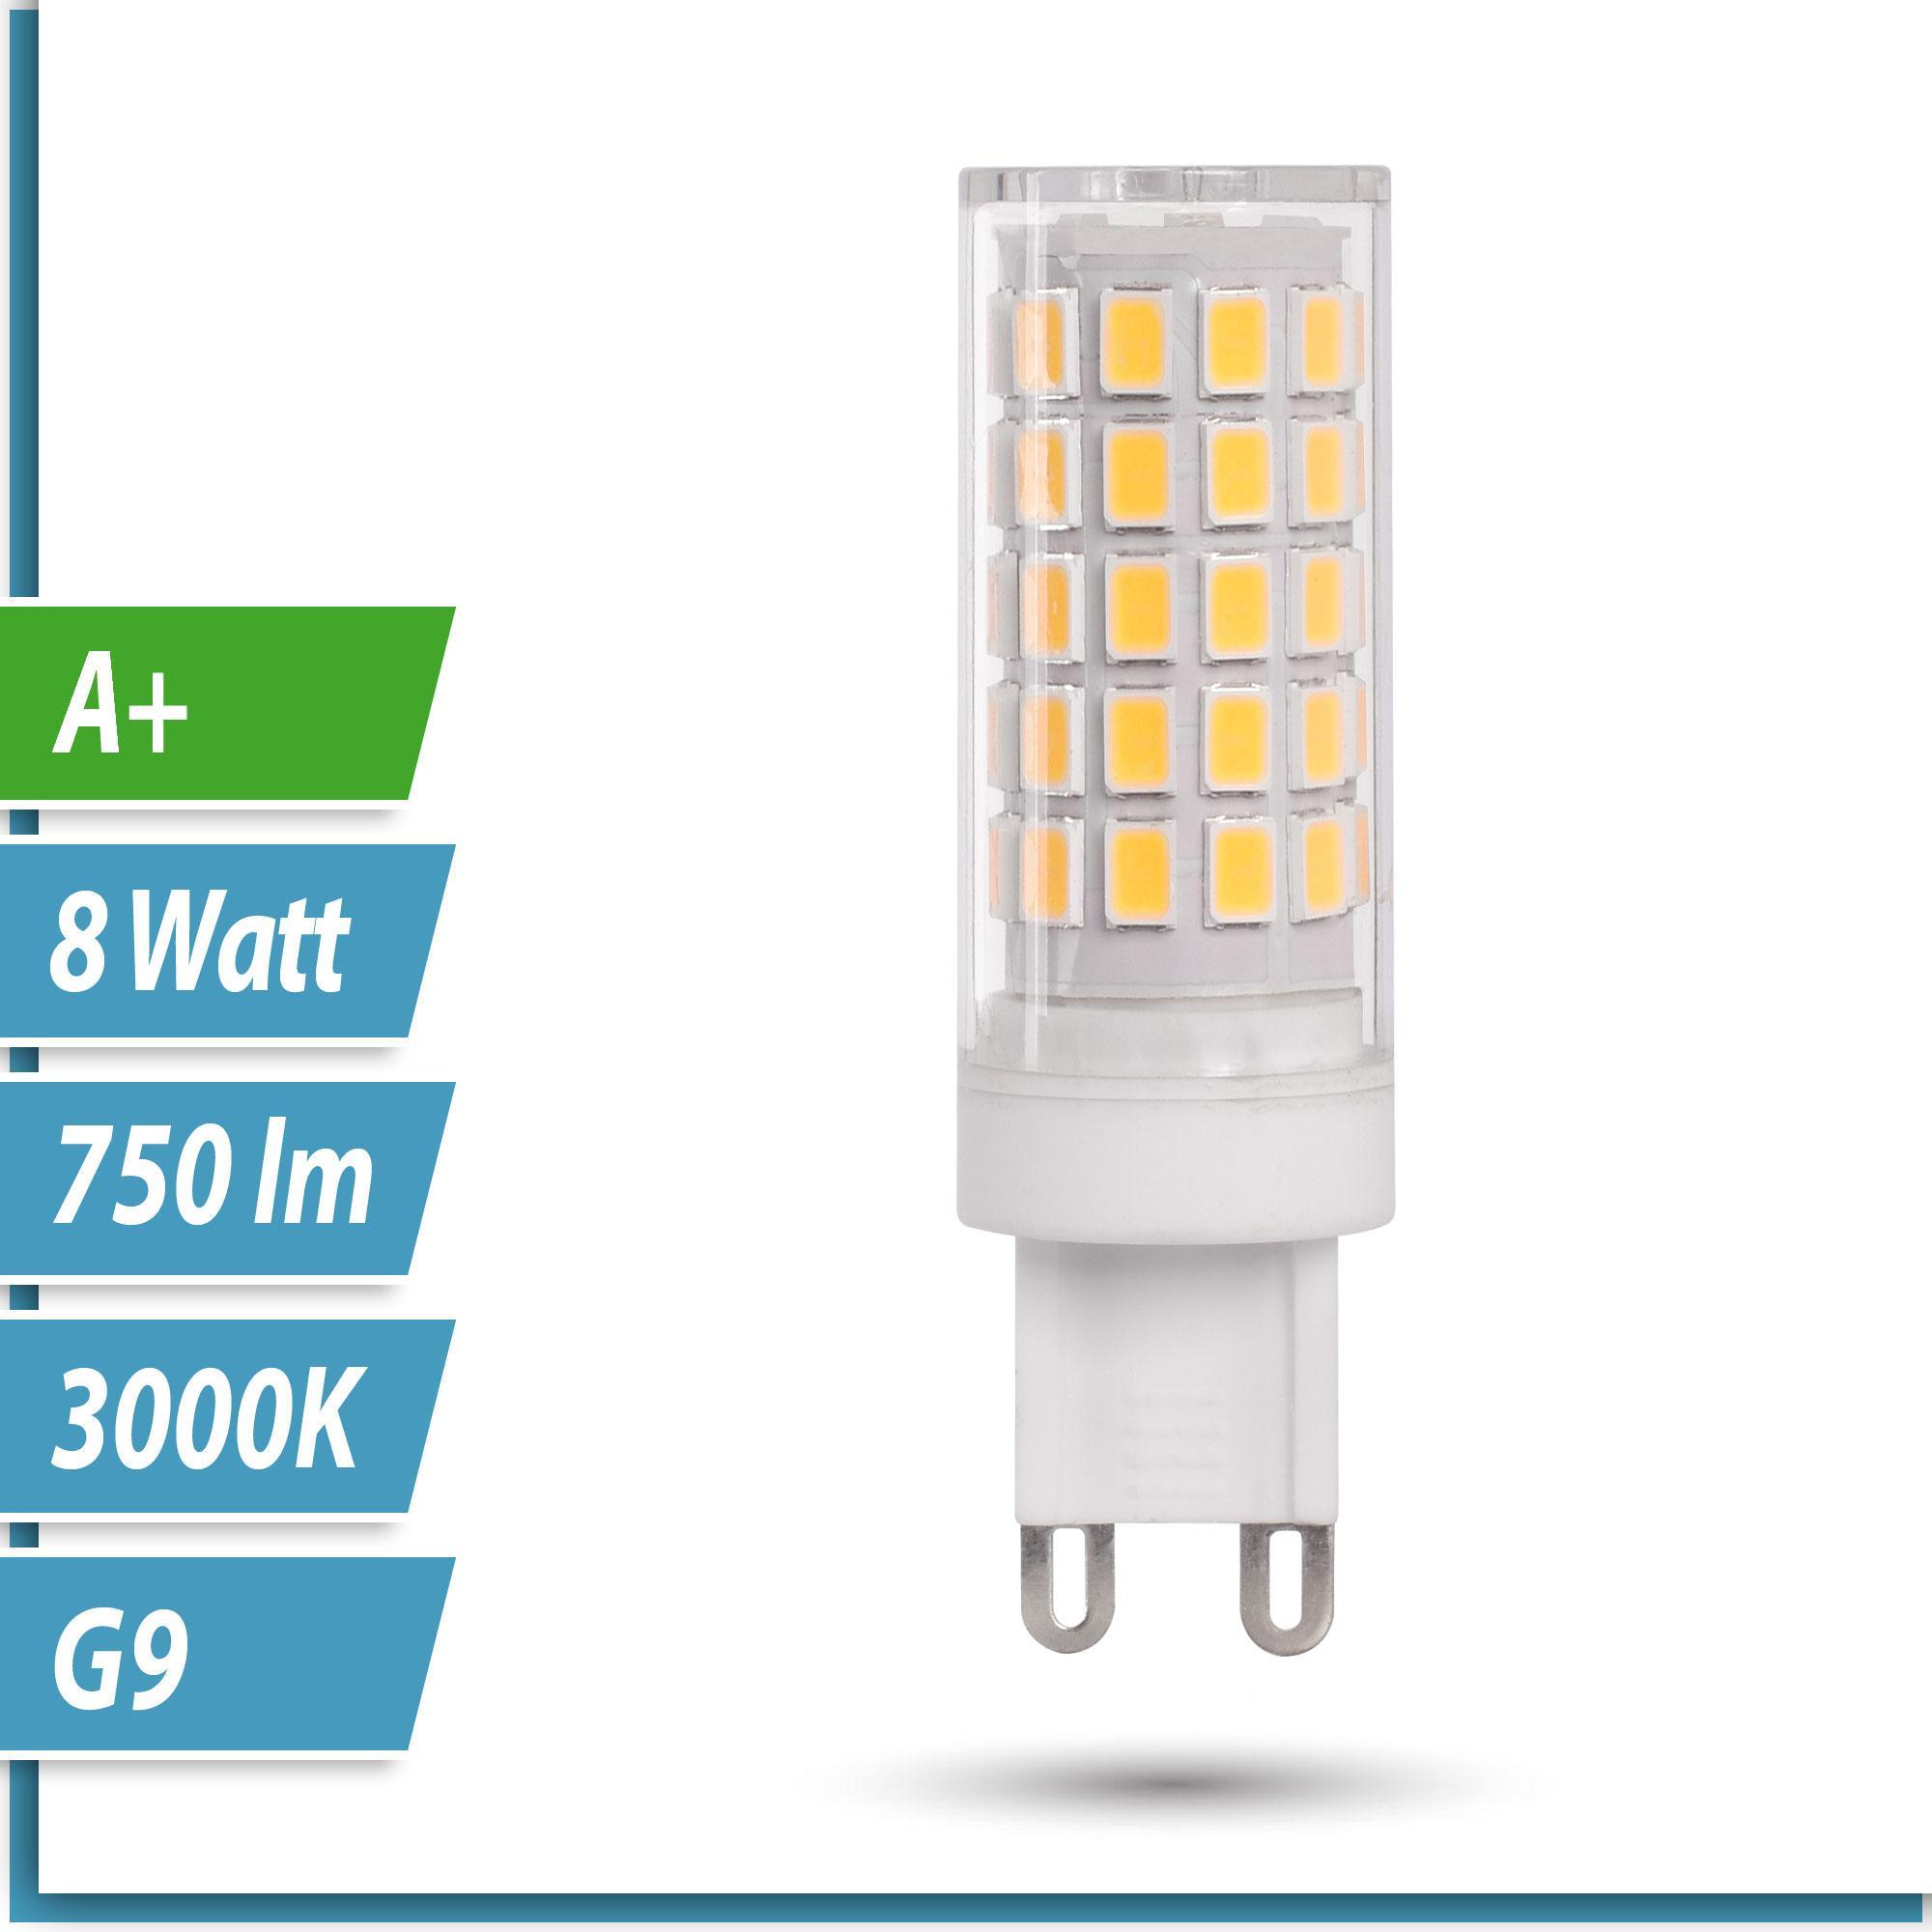 Led Leuchtmittel G9